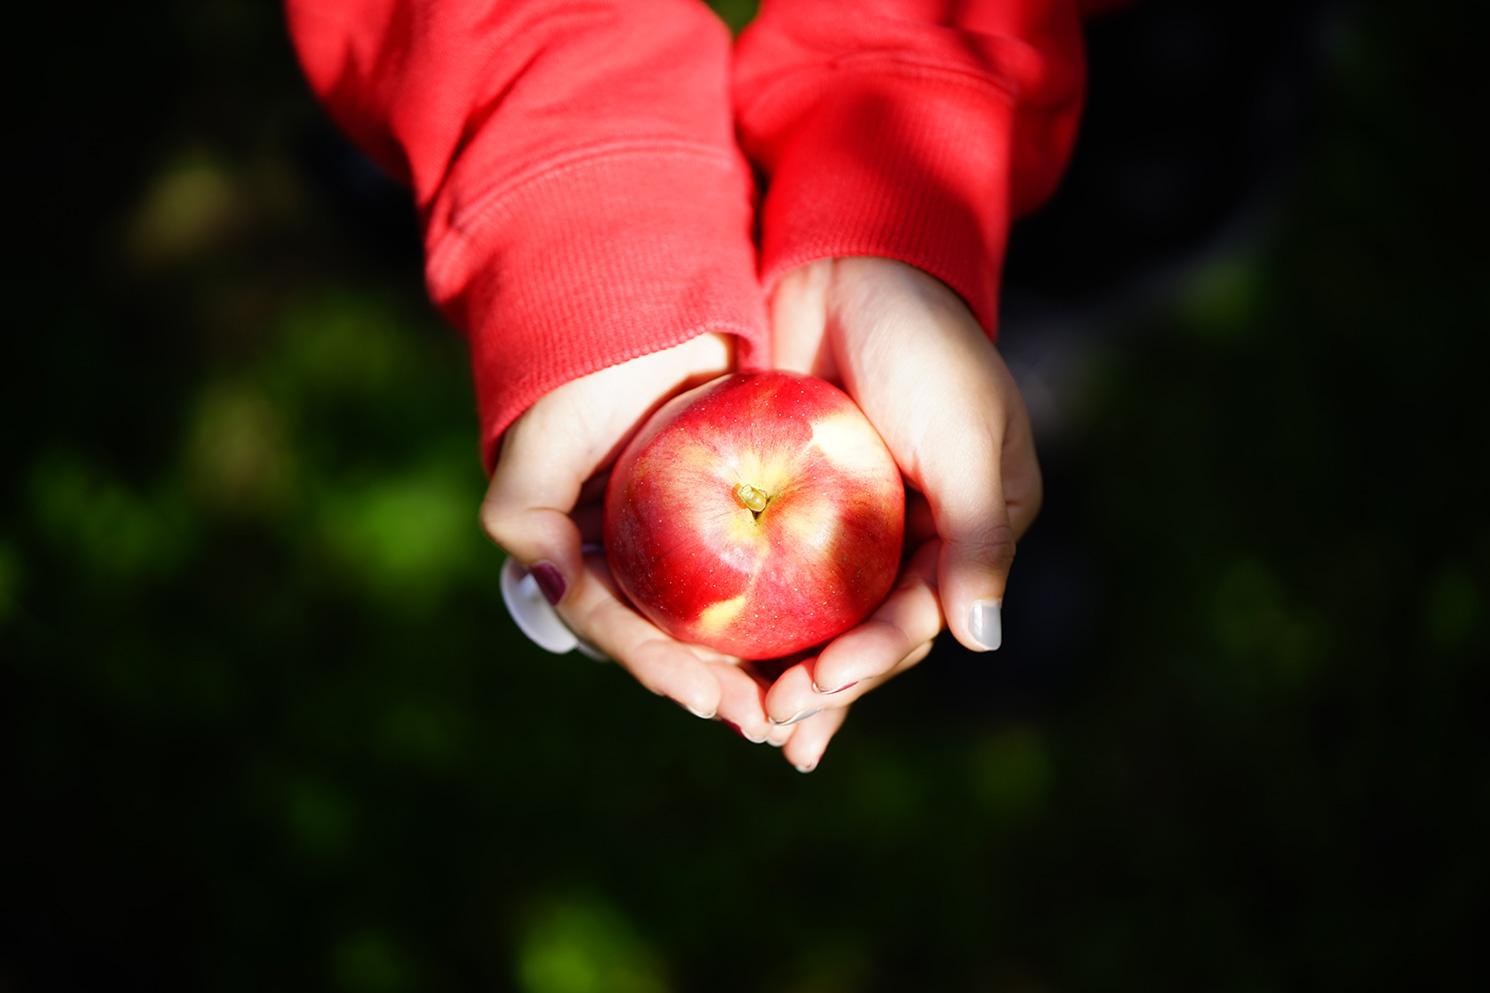 リンゴ農家さん向けキービジュアル